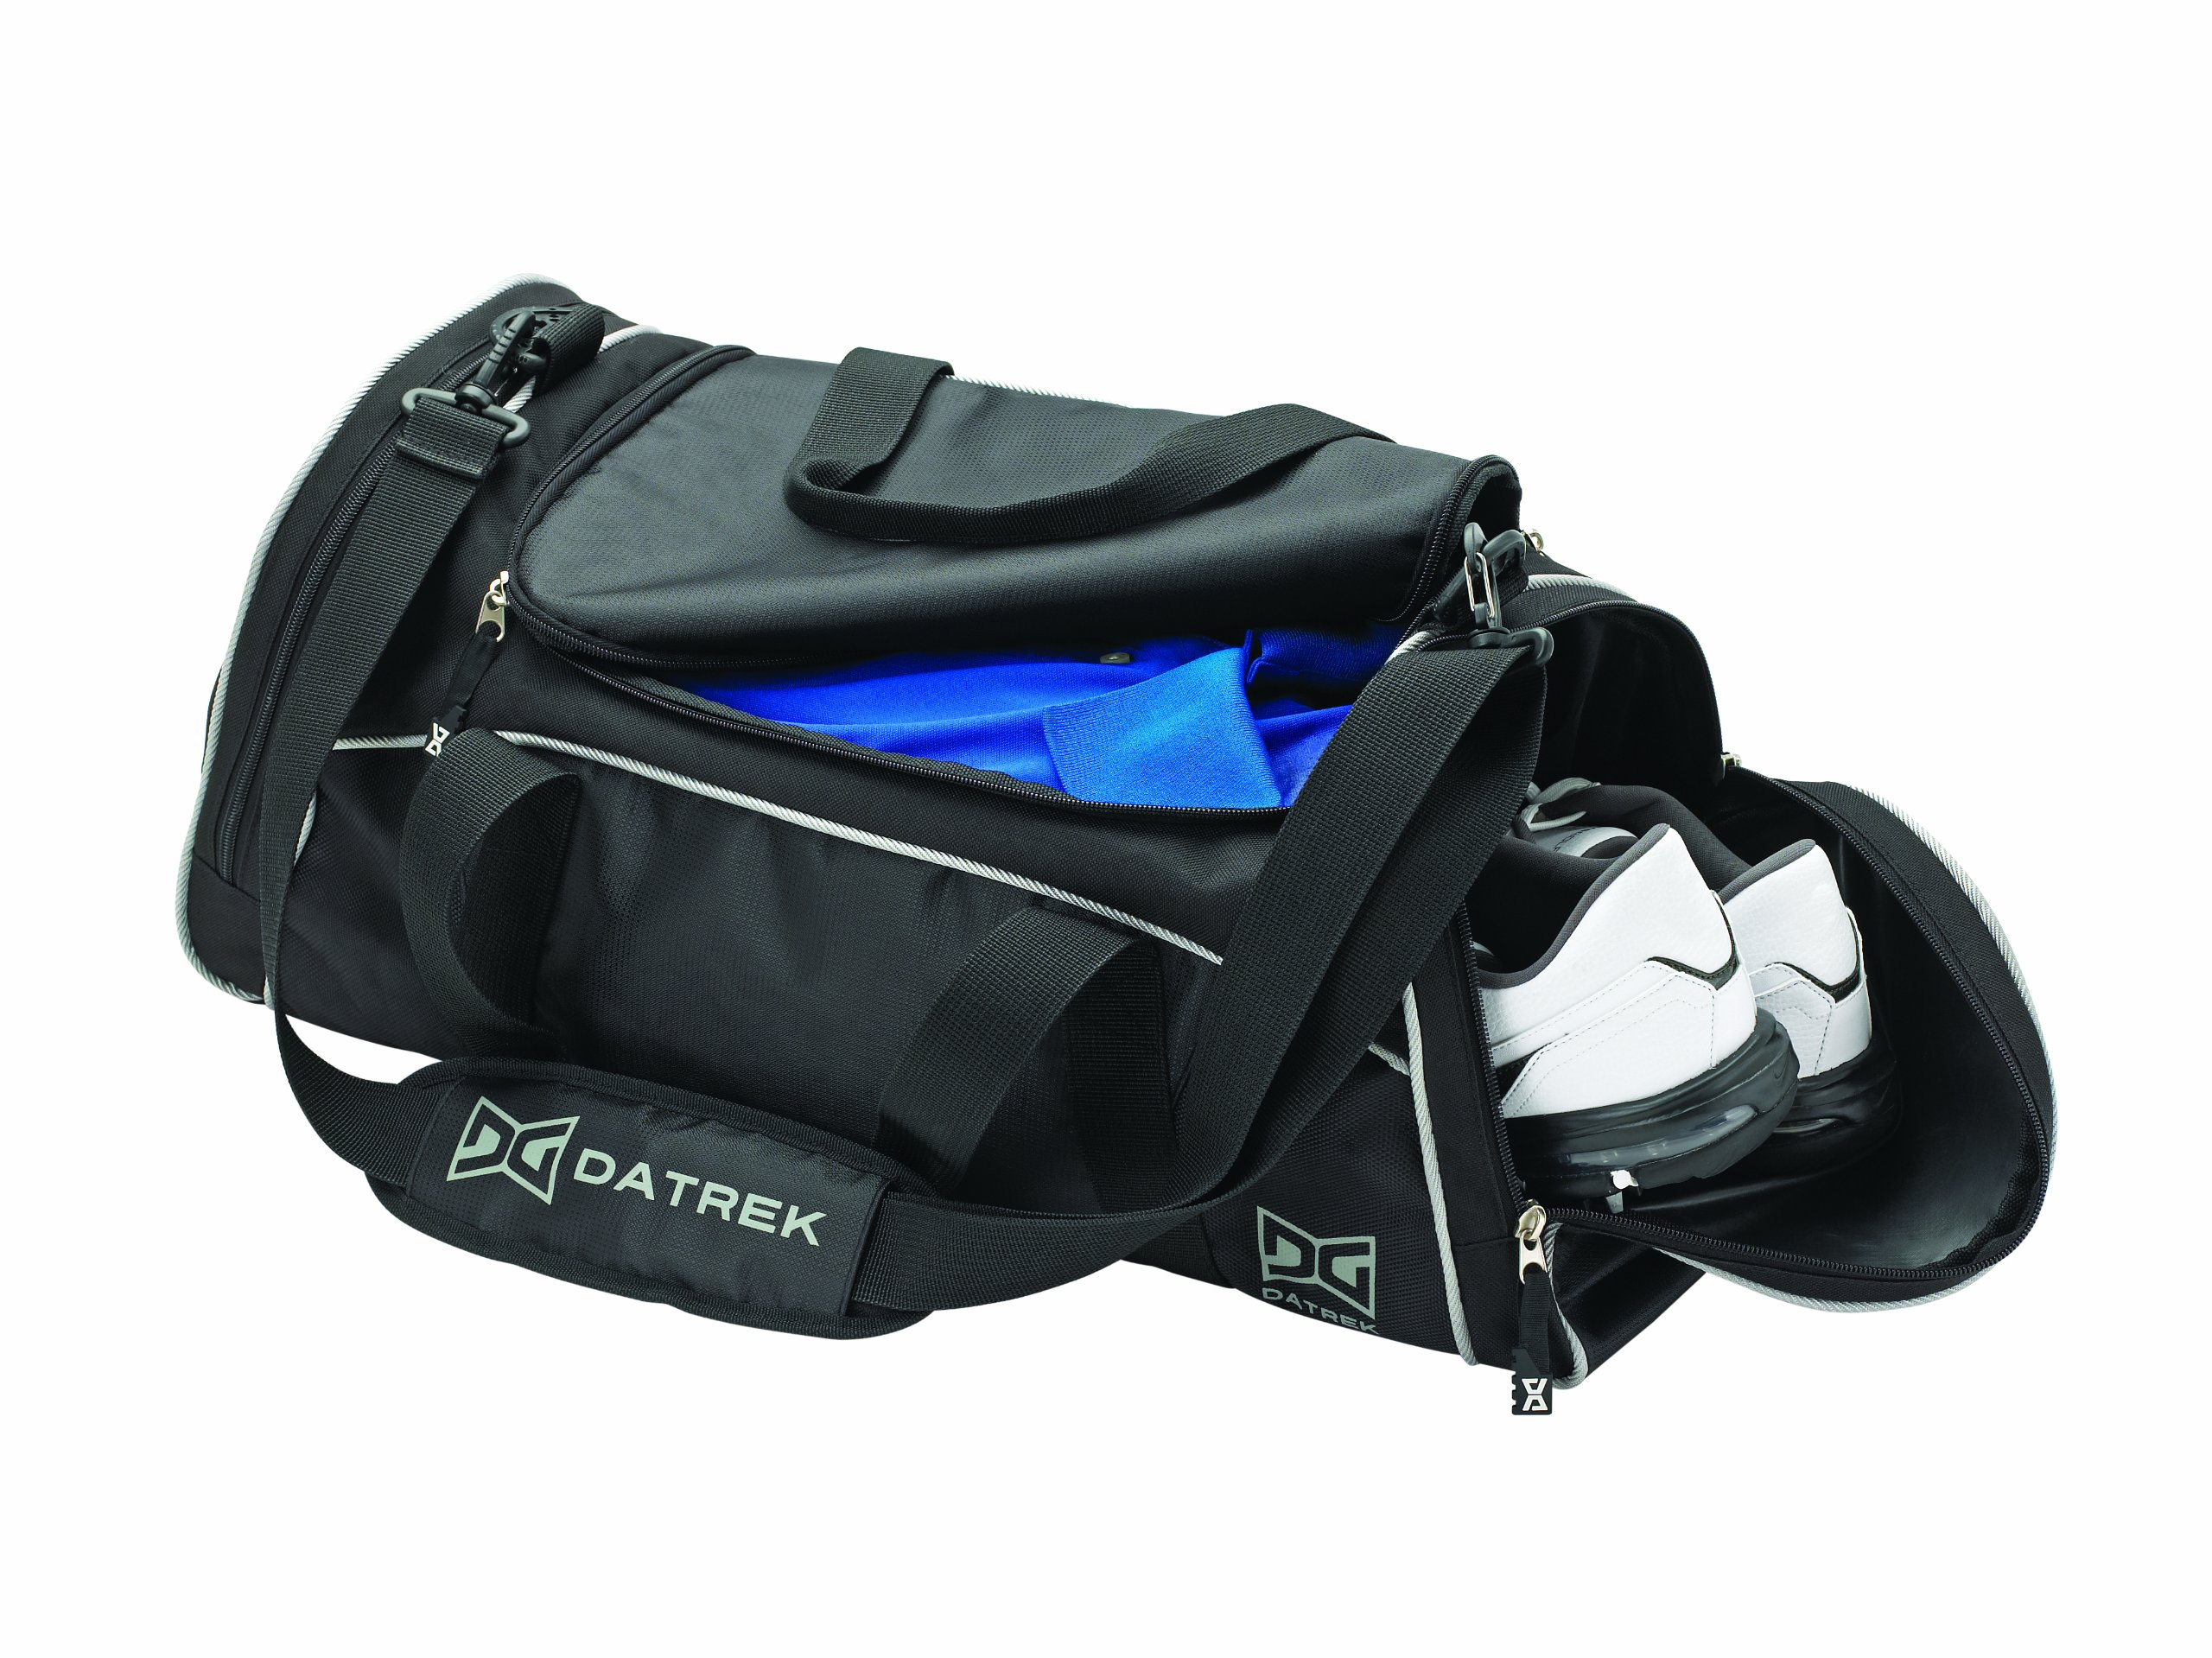 Datrek Duffle Bag